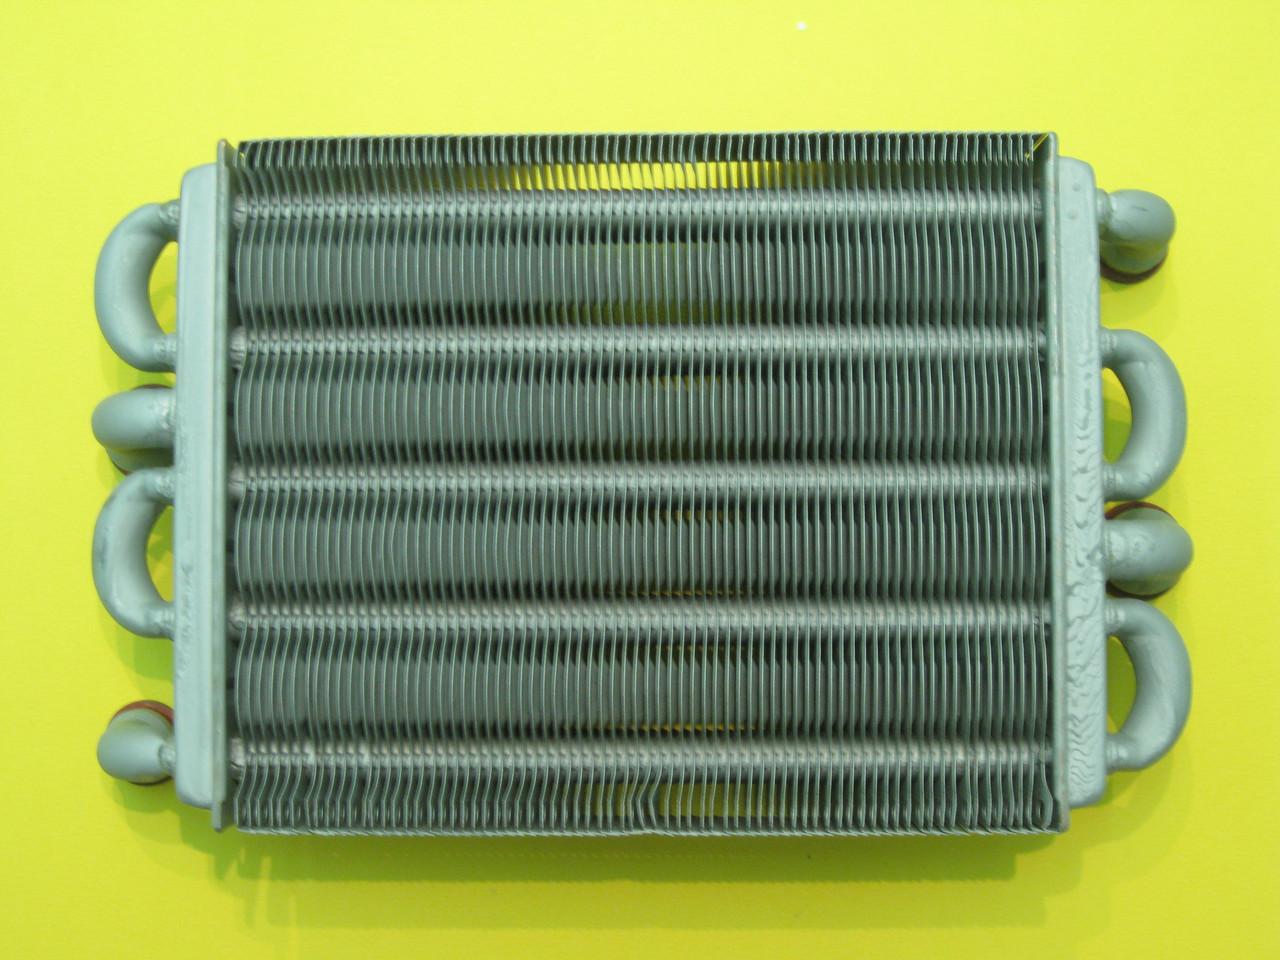 Теплообменник битермический 3003202564 (D003202564) Demrad Nepto HKT2, фото 2